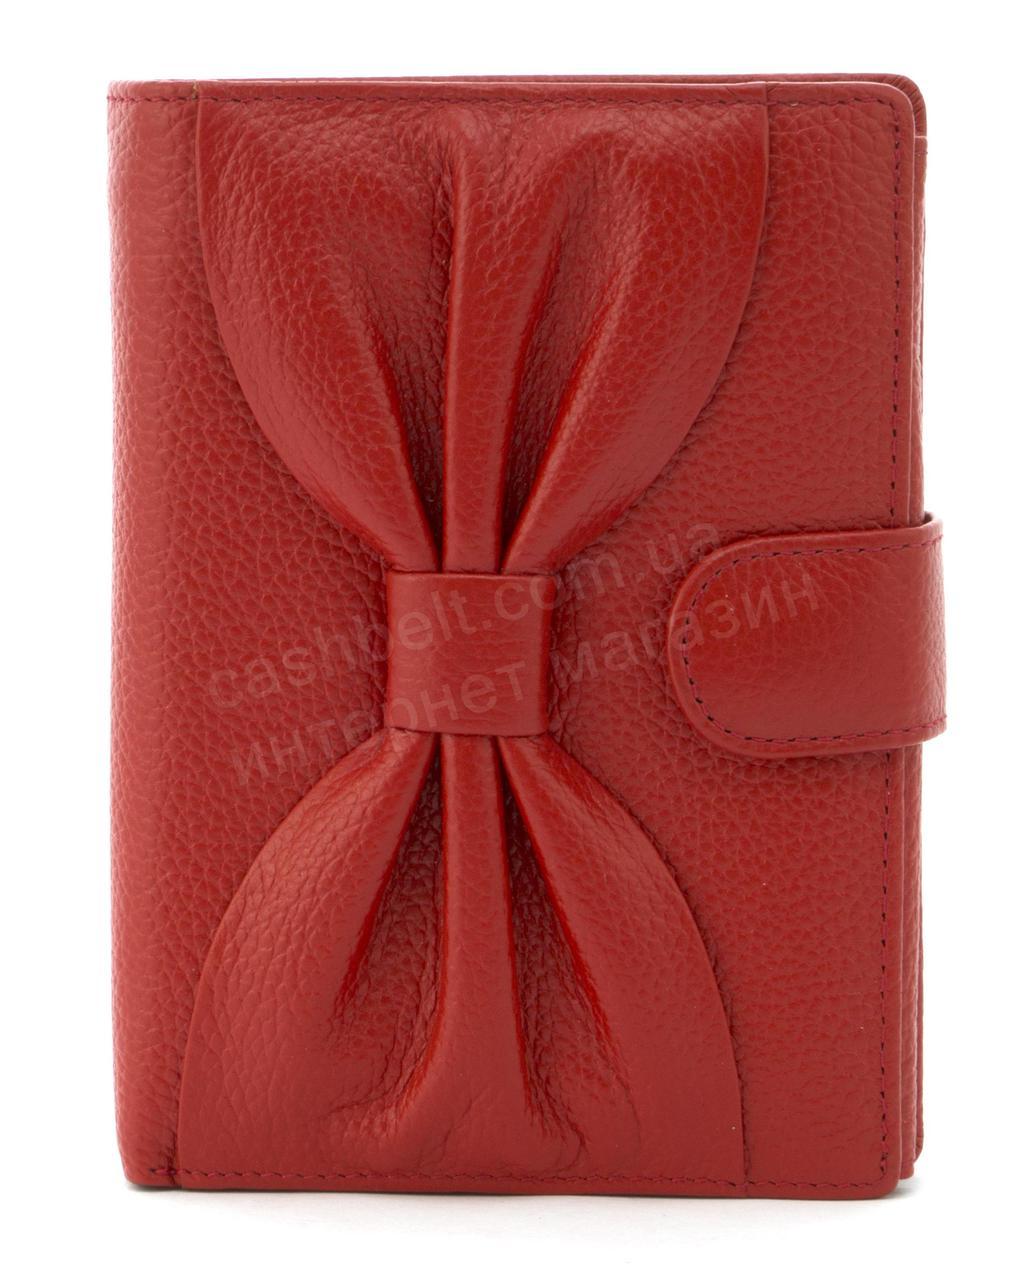 Небольшой женский кошелек бумажник с качественной натуральной кожи SALFEITE art.12200 красный